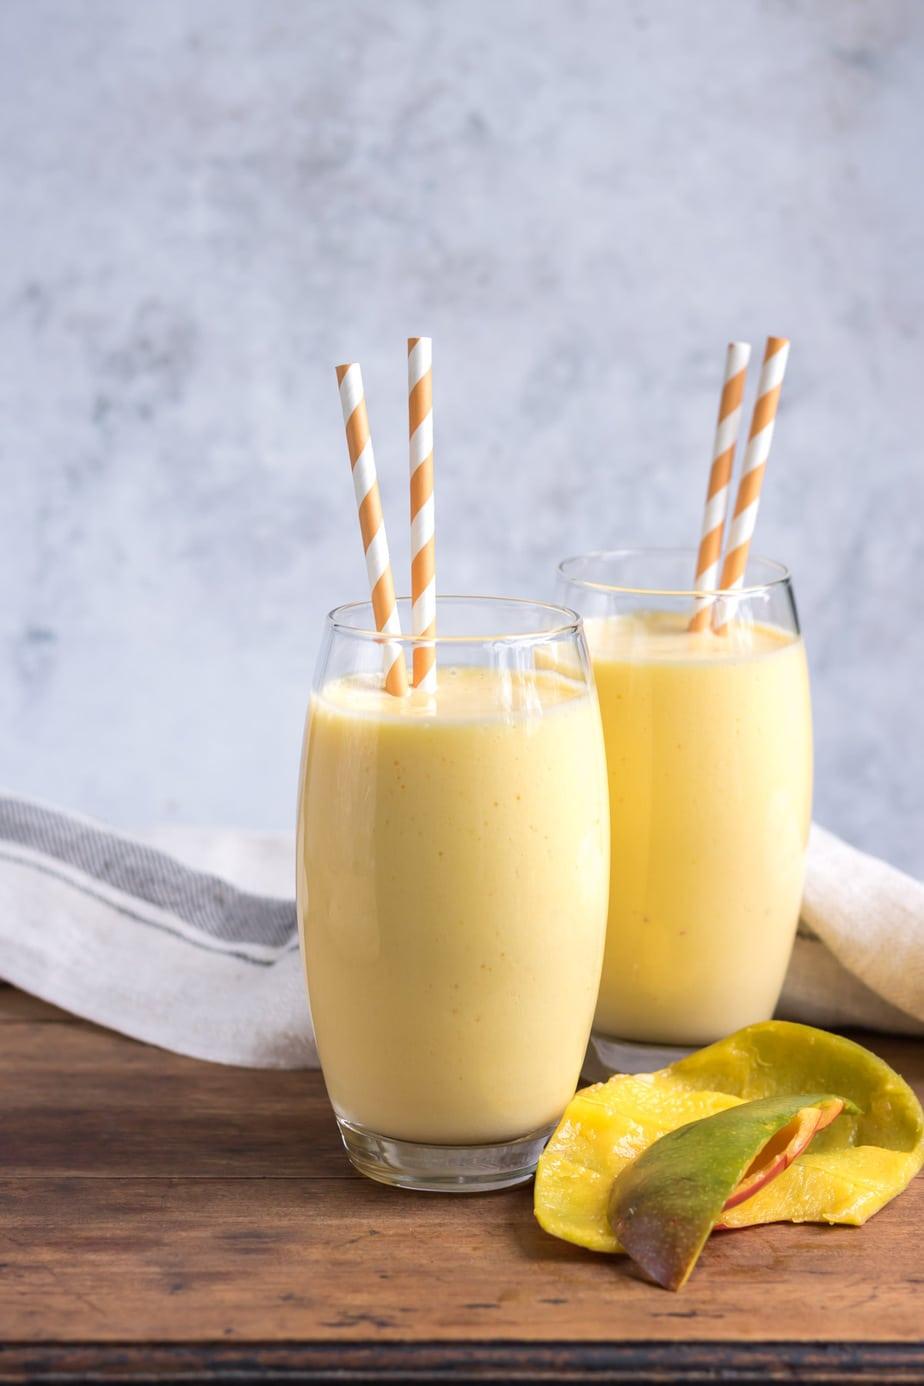 Glasses of mango shake next to mango peels.